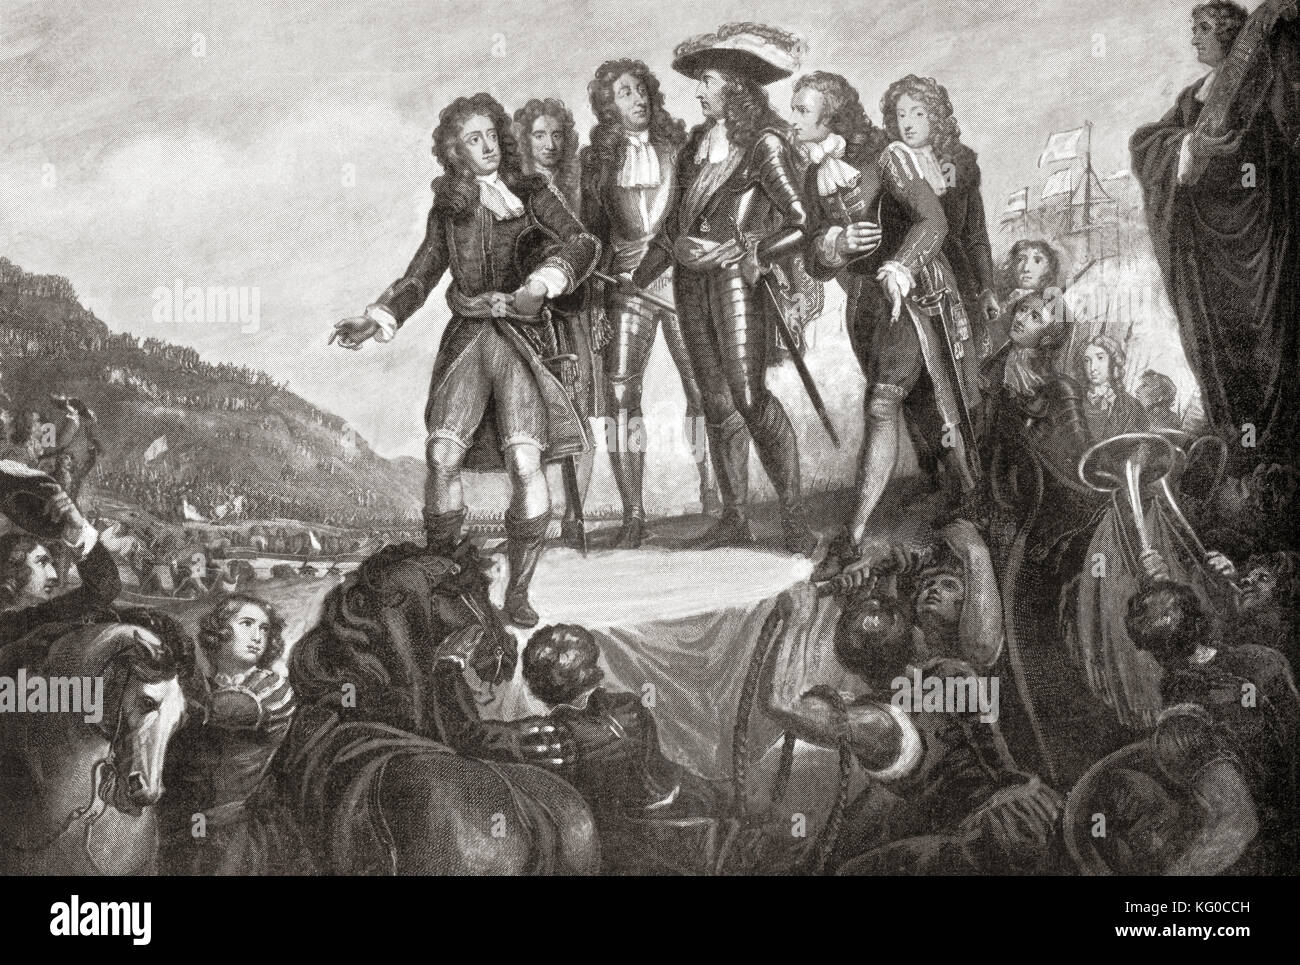 El desembarco de Guillermo de Orange en Inglaterra en 1688. Guillermo III, de 1650 a 1702. El rey de Inglaterra Imagen De Stock